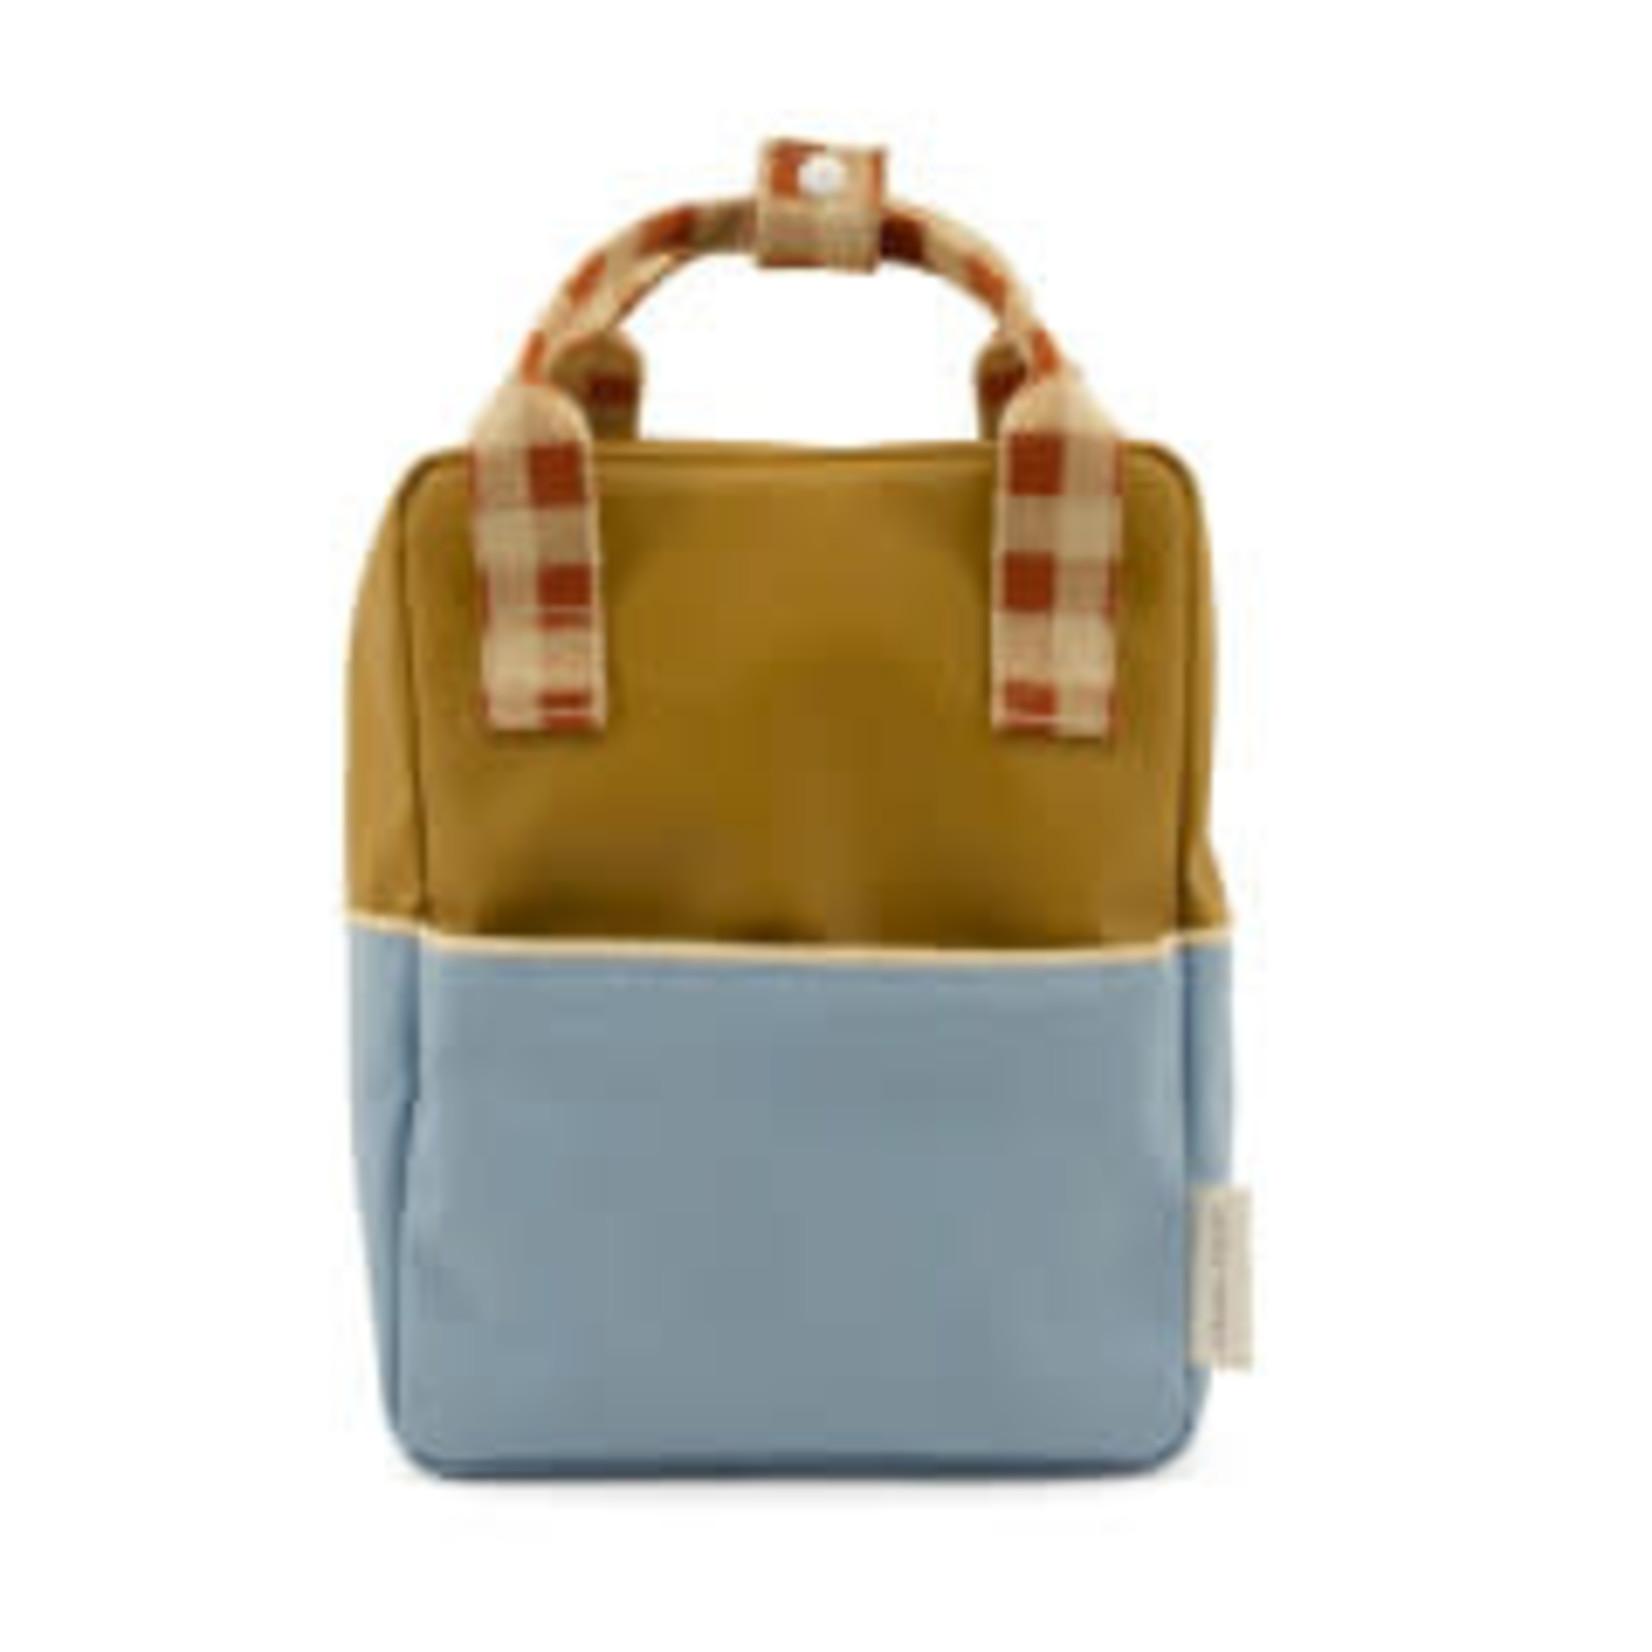 STICKY LEMON STICKY LEMON backpack small colourblocking